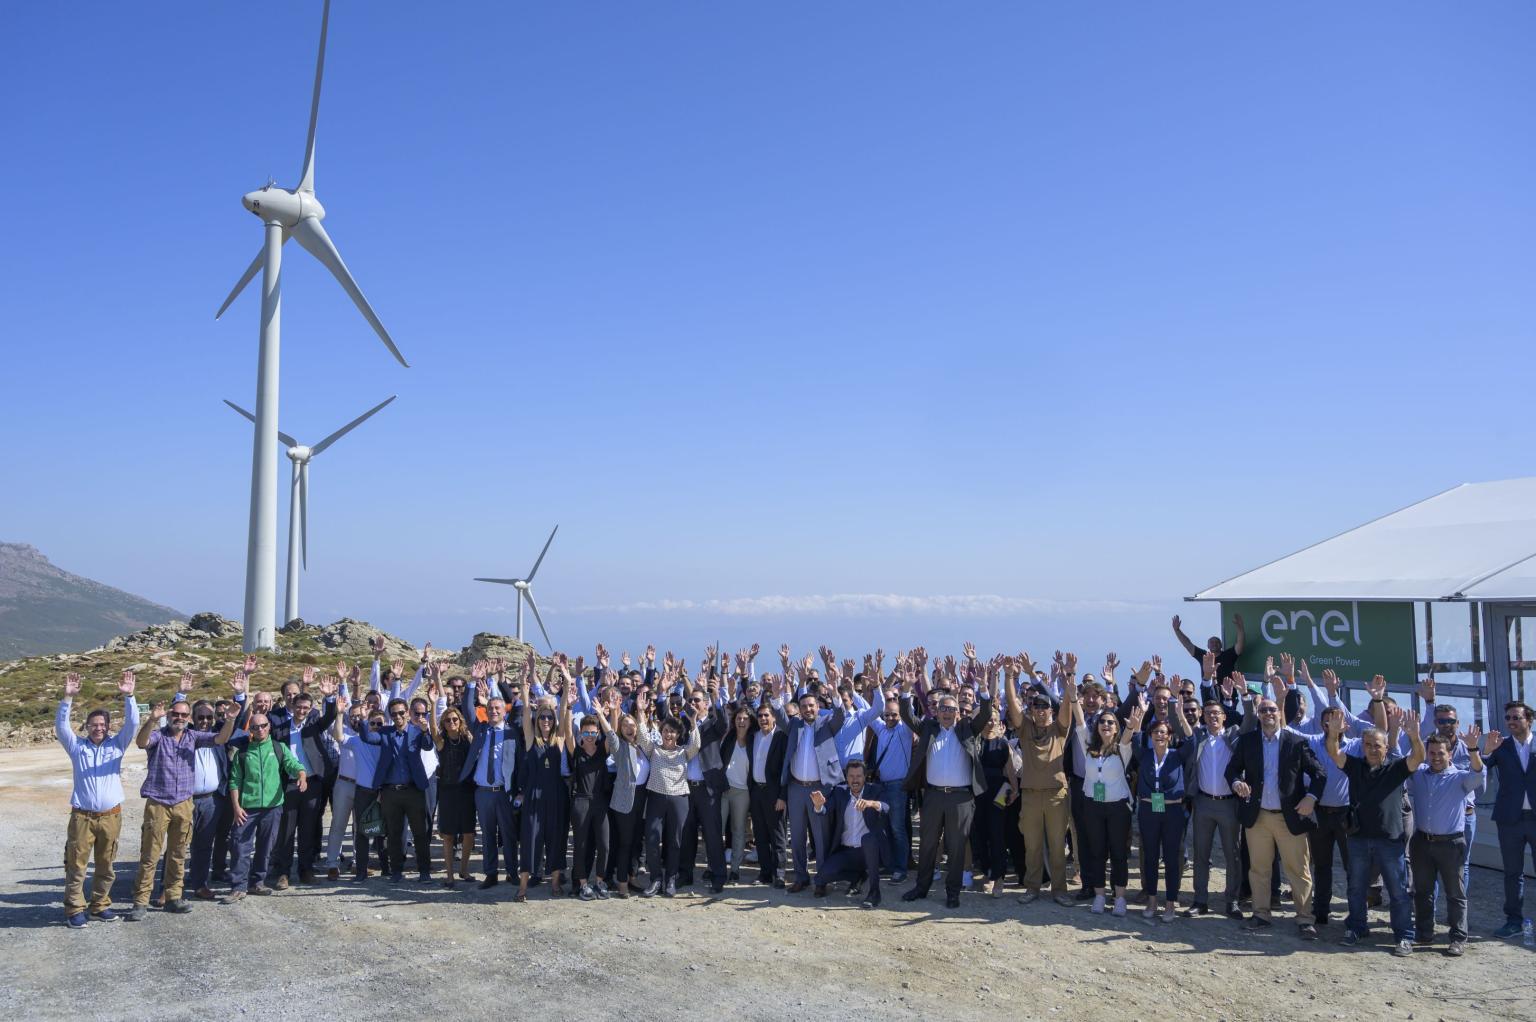 Η Enel Green Power το καλύτερο εργασιακό περιβάλλον στην Ελλάδα για το 2020